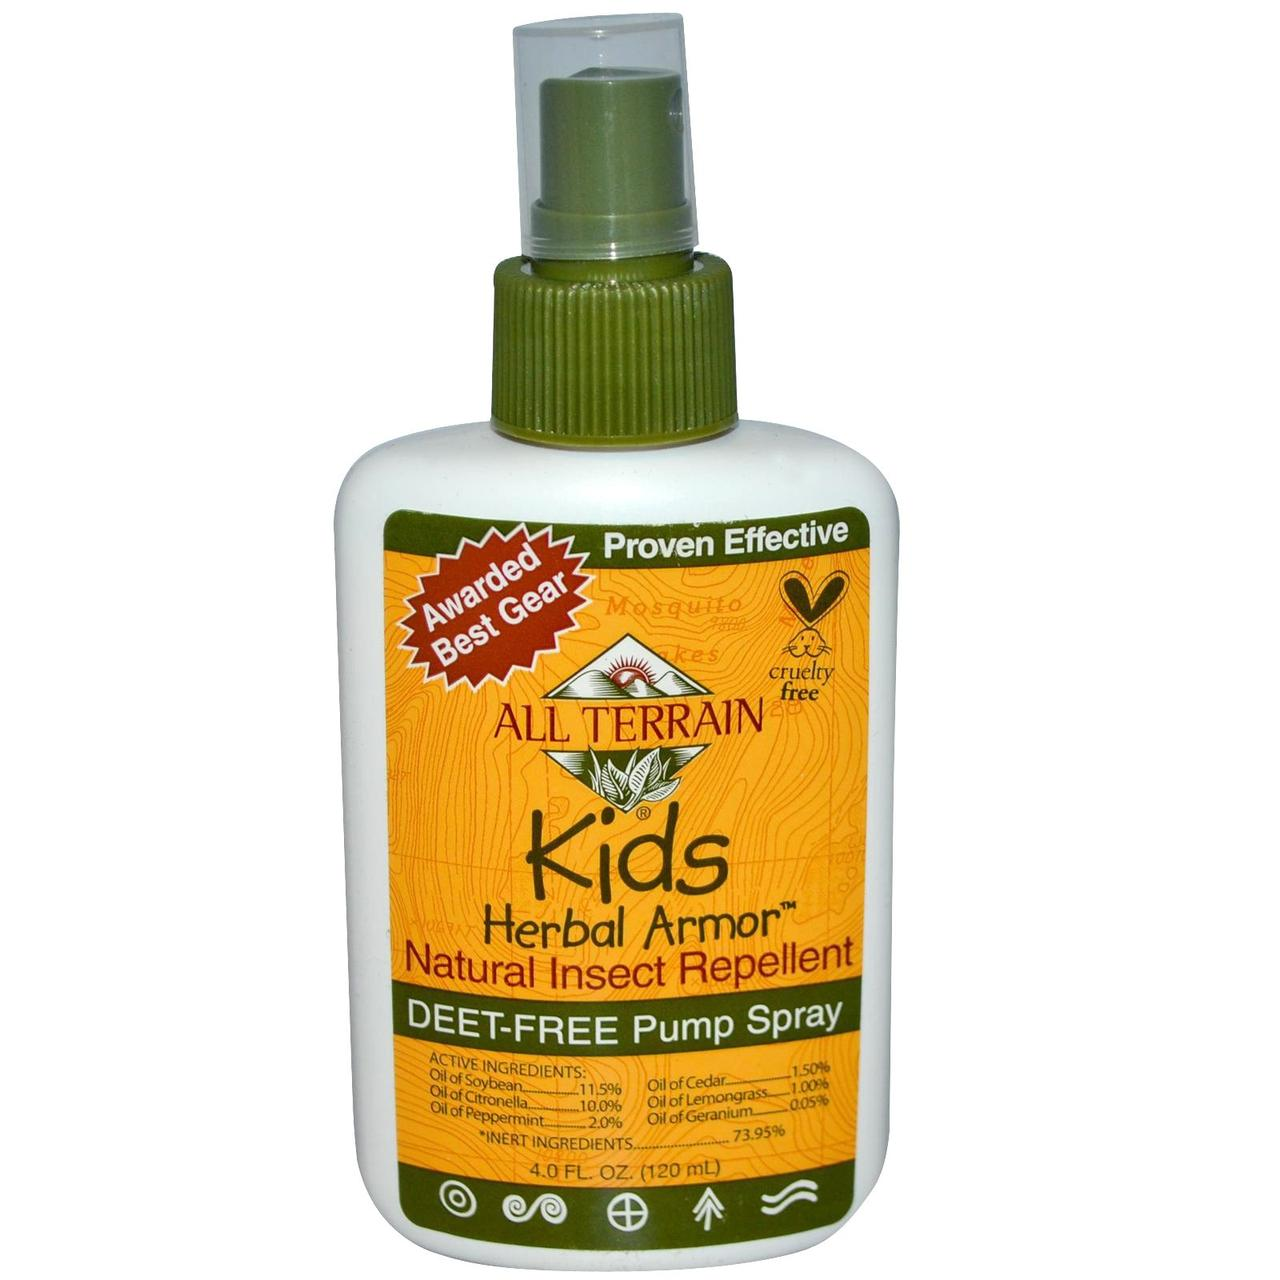 All Terrain, Растительное защитное средство для детей, Натуральное средство от насекомых, 4 жидких унции (120 мл) - Интернет-магазин для здоровой жизни в Киеве